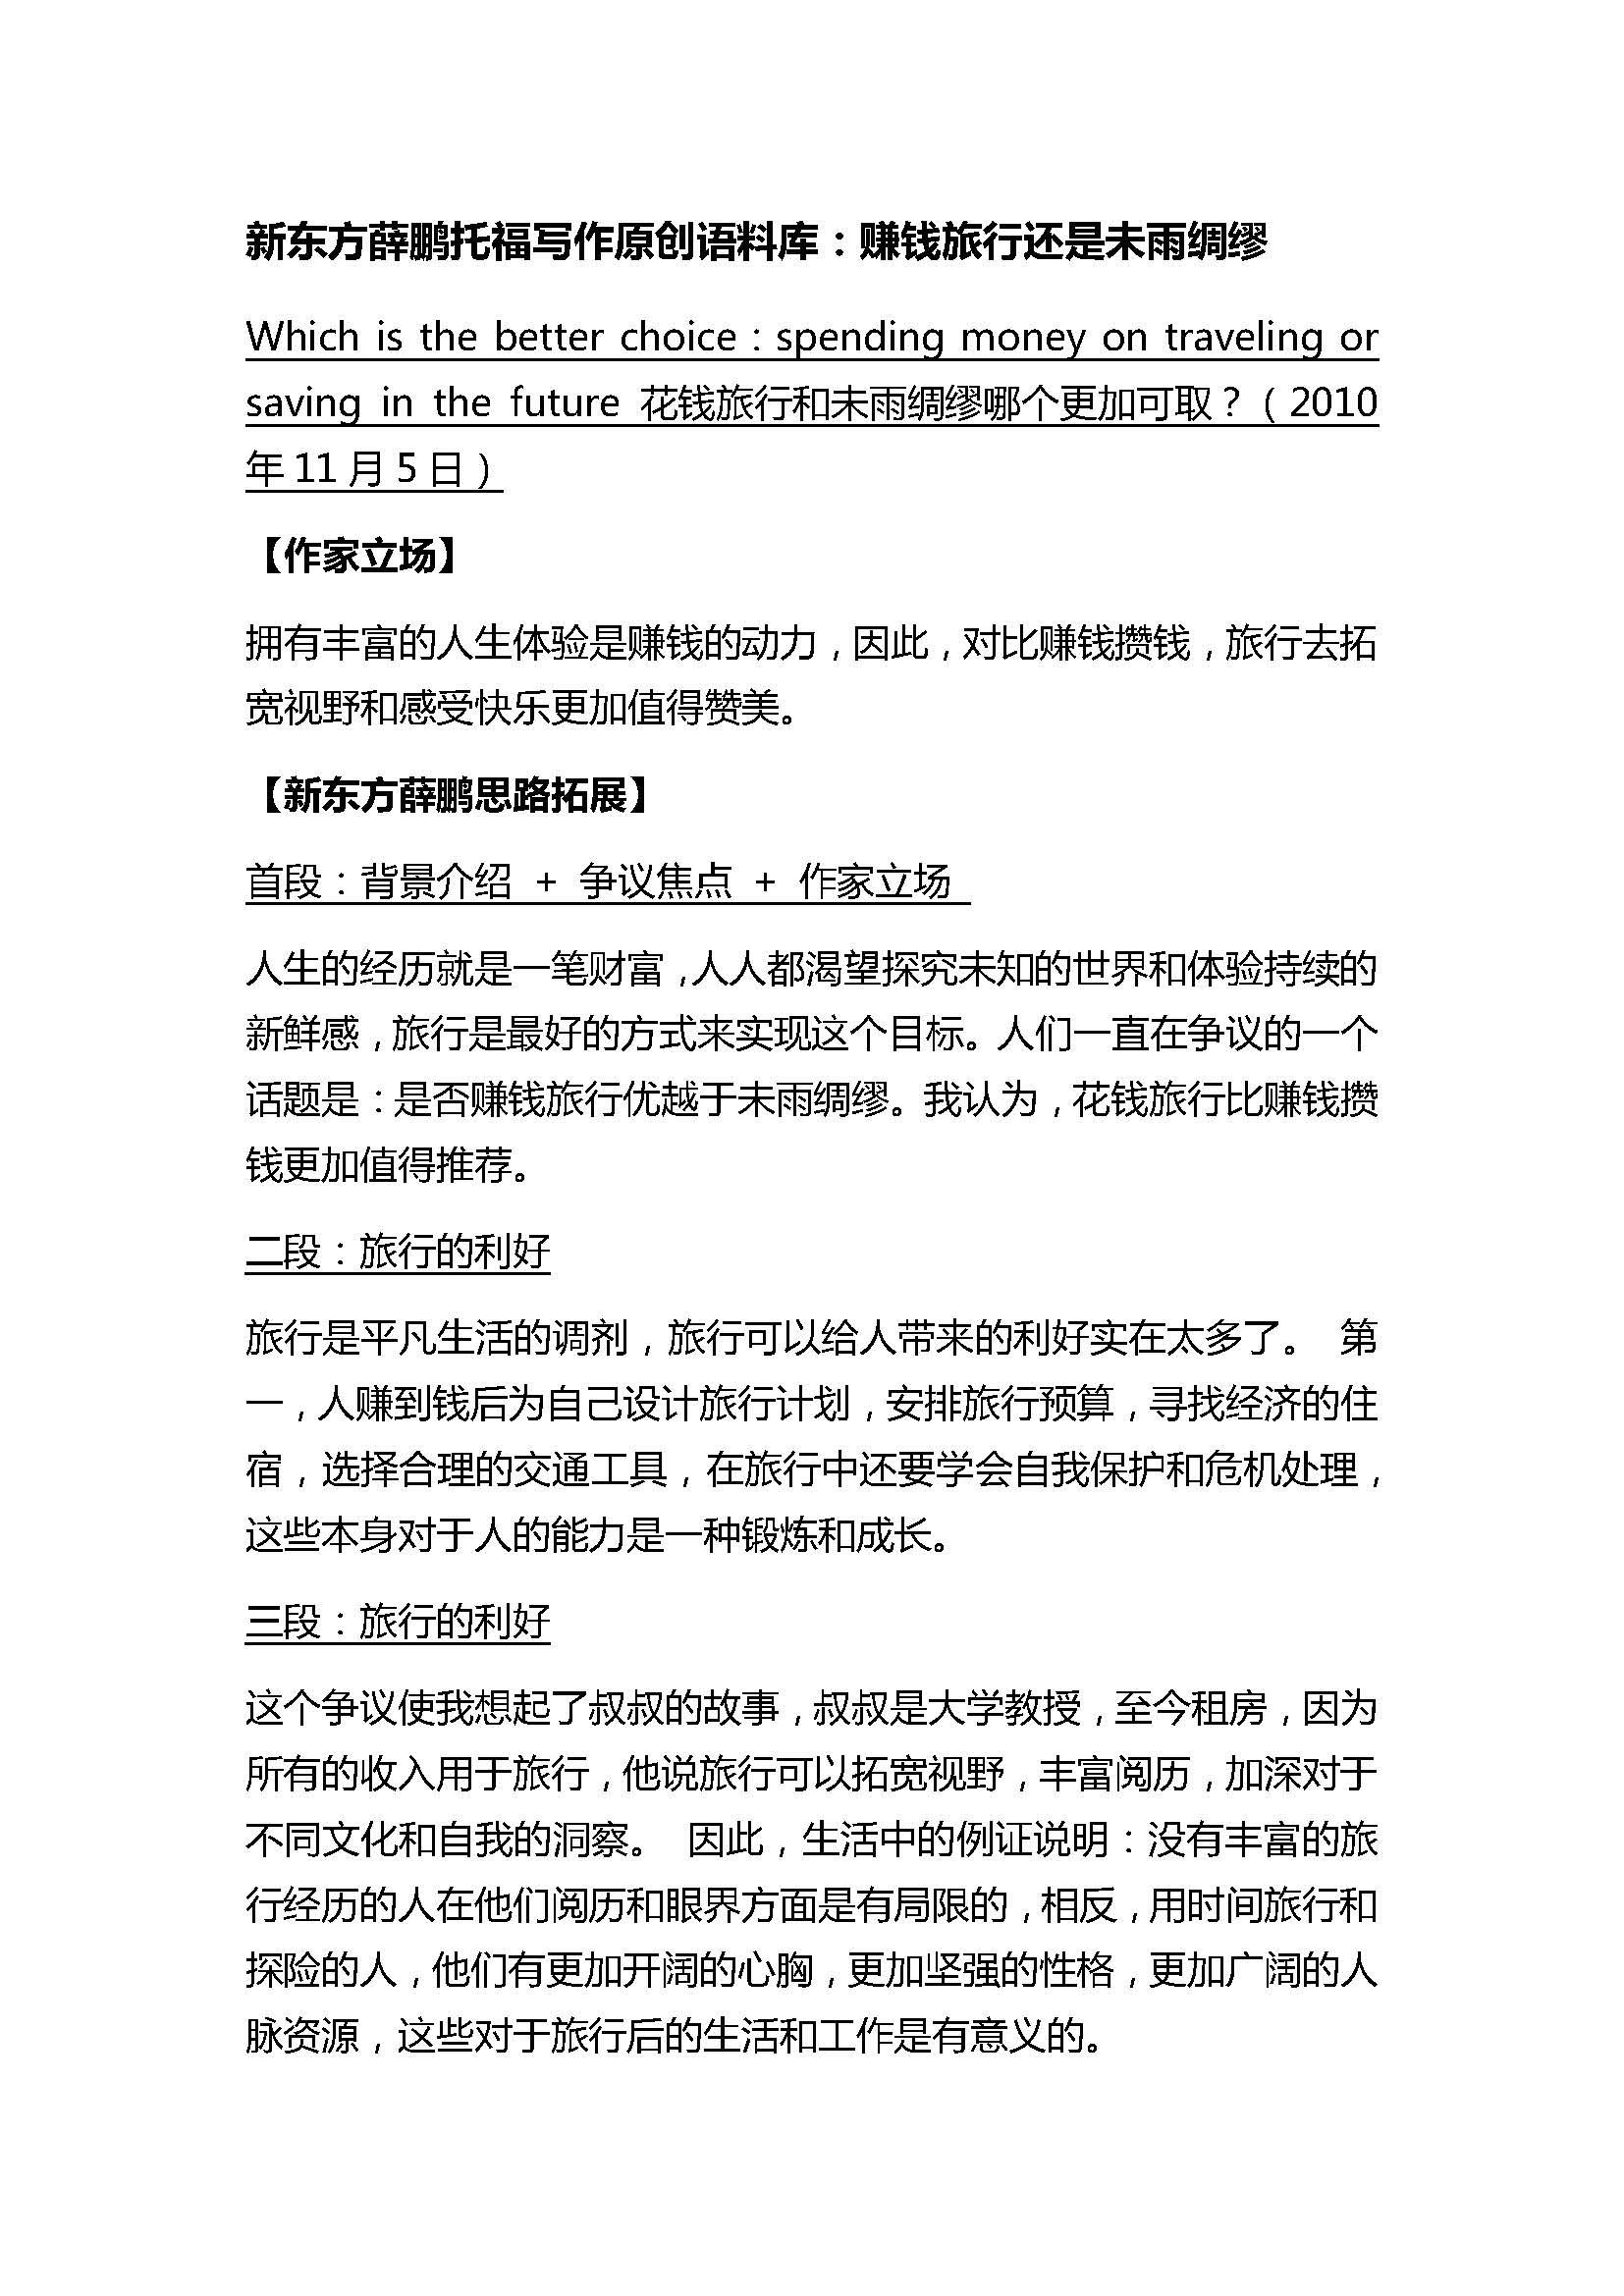 新东方托福写作语料库:赚钱旅行还是未雨绸缪